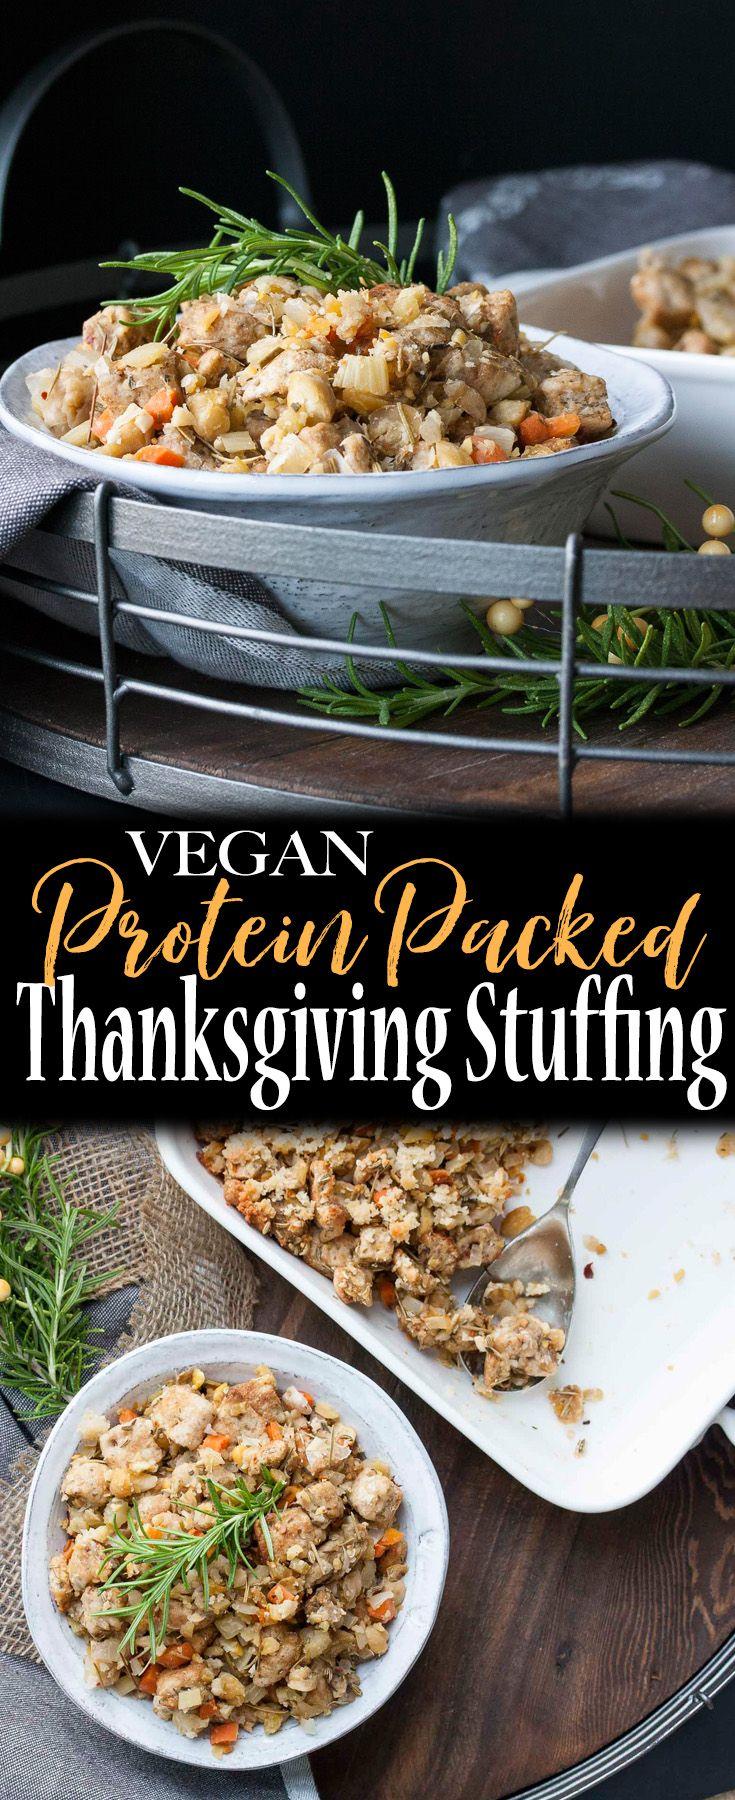 Protein Packed Vegan Stuffing Recipe Vegan Thanksgiving Vegetarian Thanksgiving Vegan Side Dishes